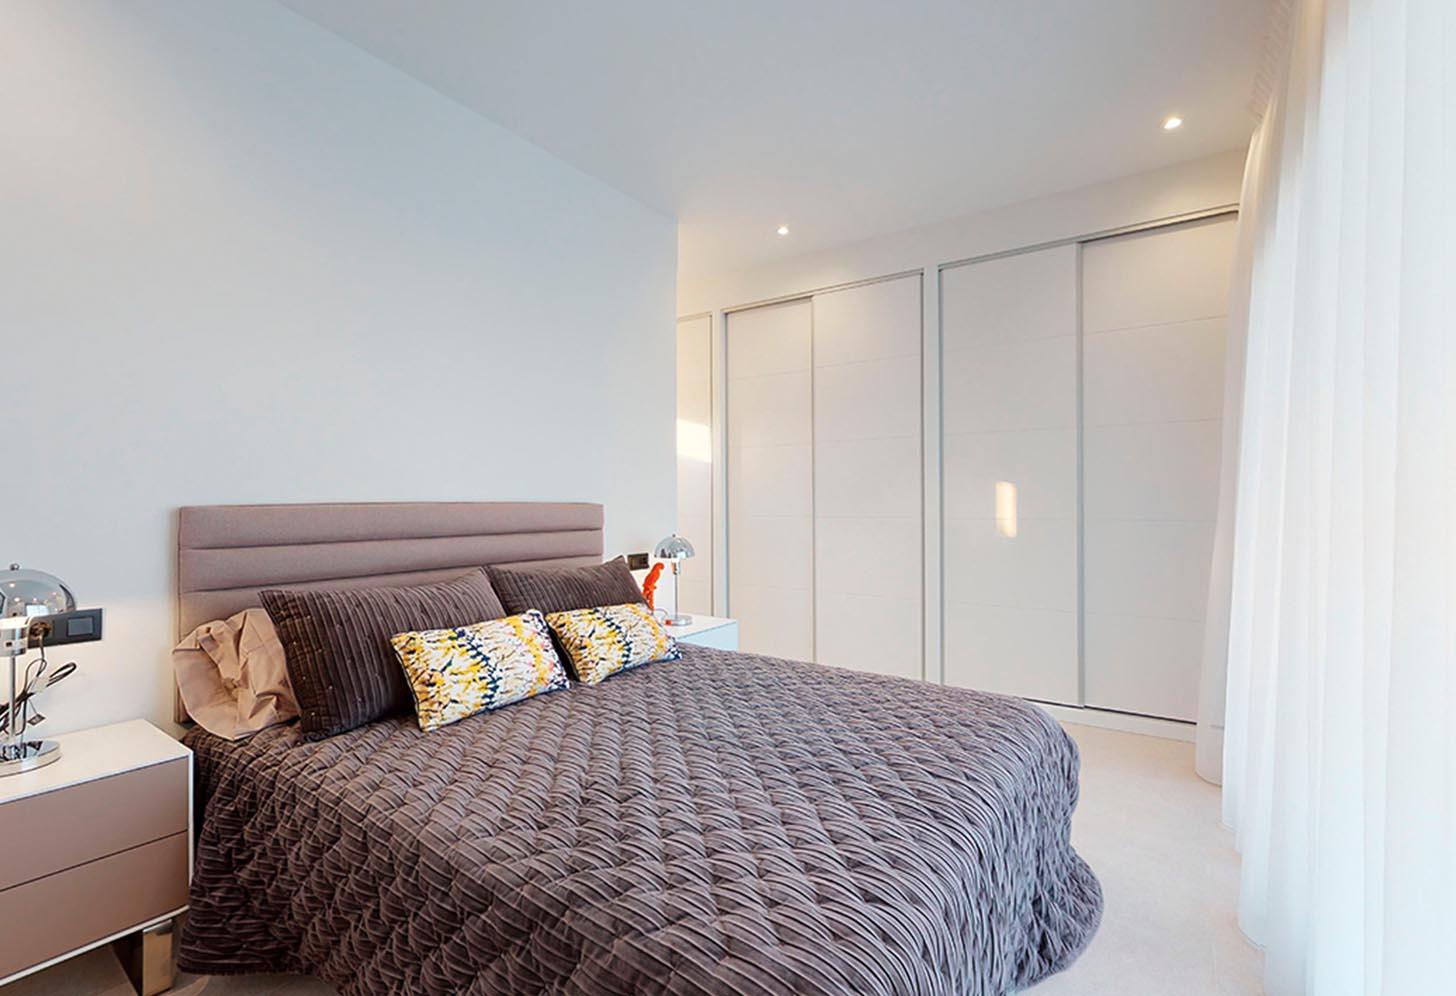 immobilier neuf espagne costa blanca alicante chambre